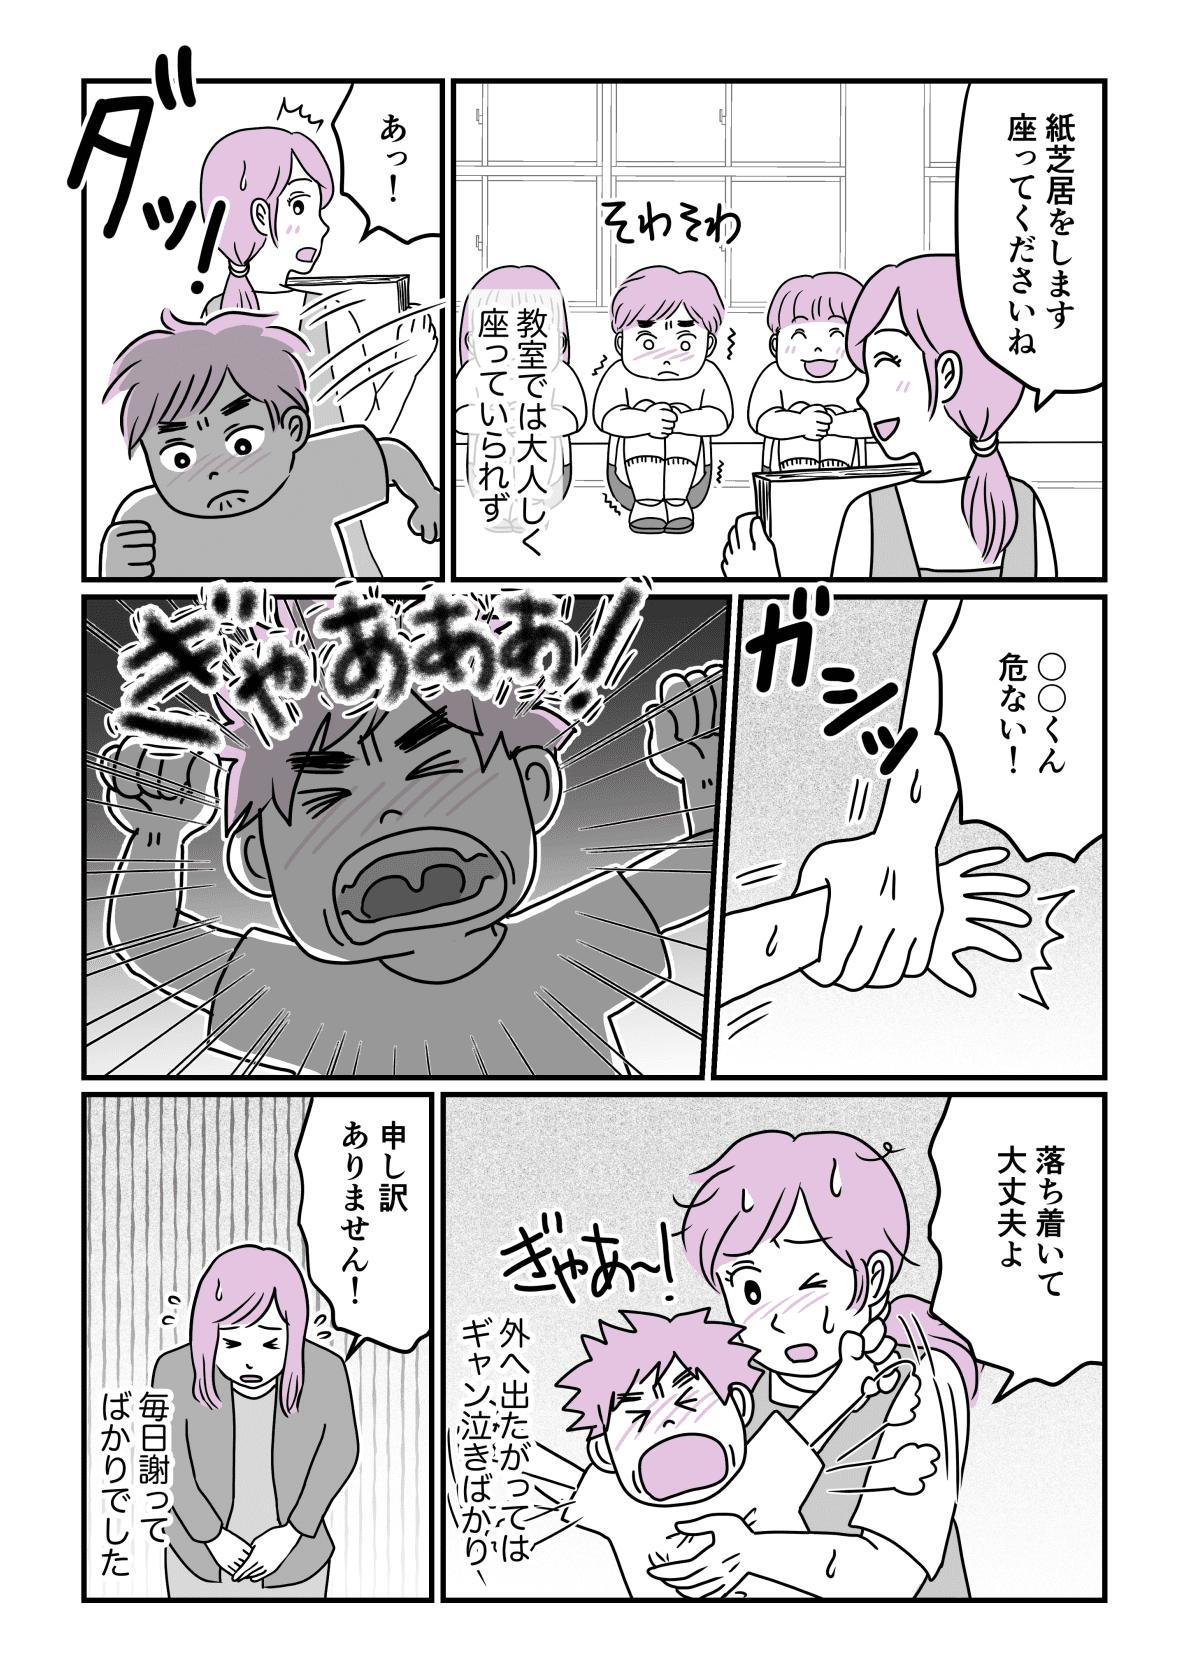 療育息子前編2 (1)